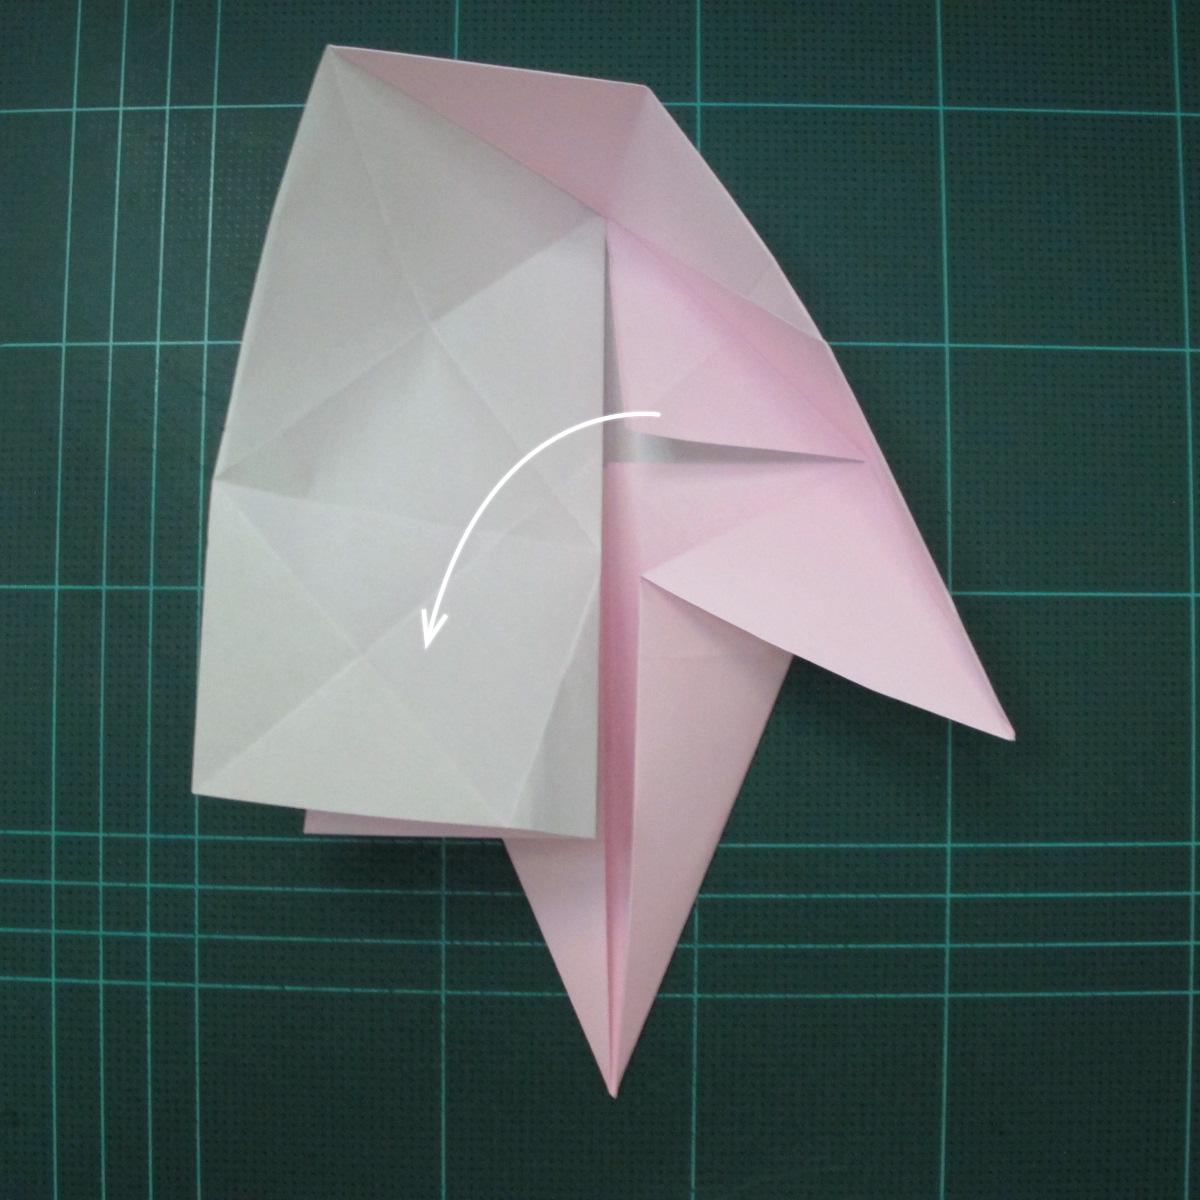 การพับกระดาษเป็นไดโนเสาร์ทีเร็กซ์ (Origami Tyrannosaurus Rex) 011